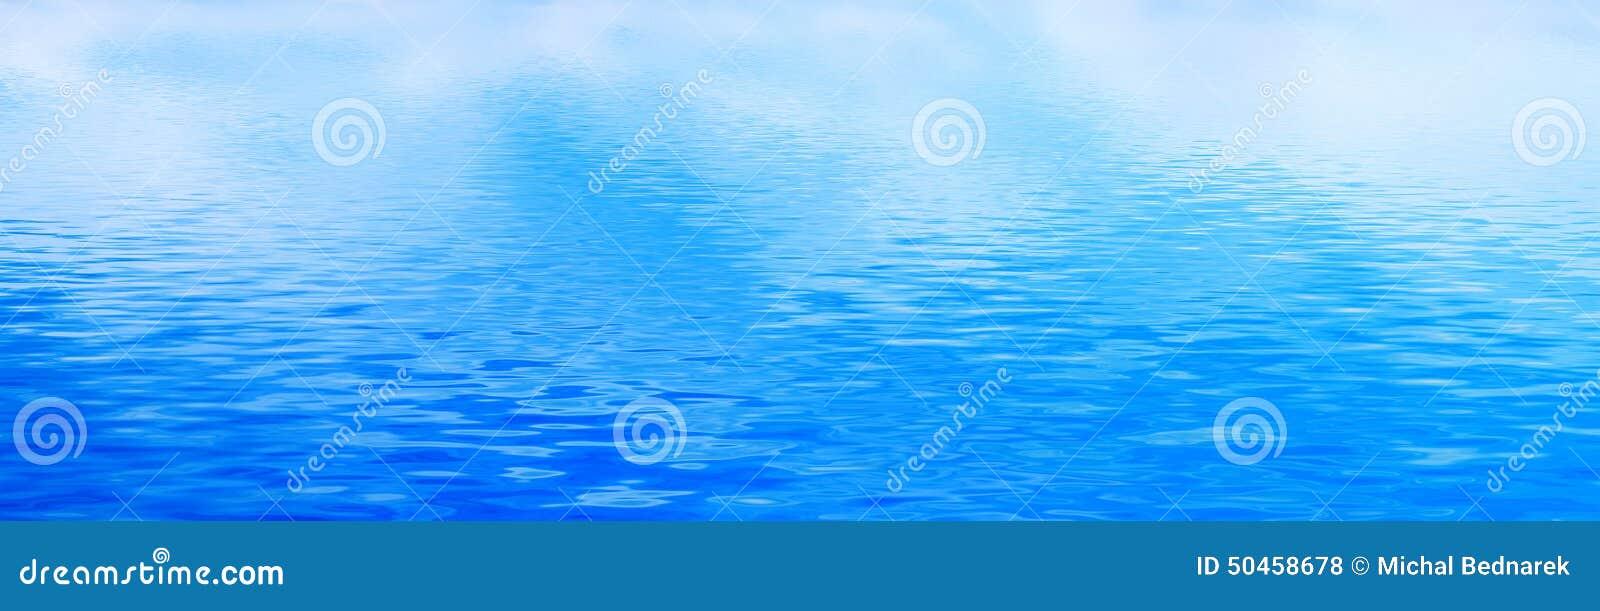 Trinkwasserhintergrund, Ruhewellen Fahne, Panorama